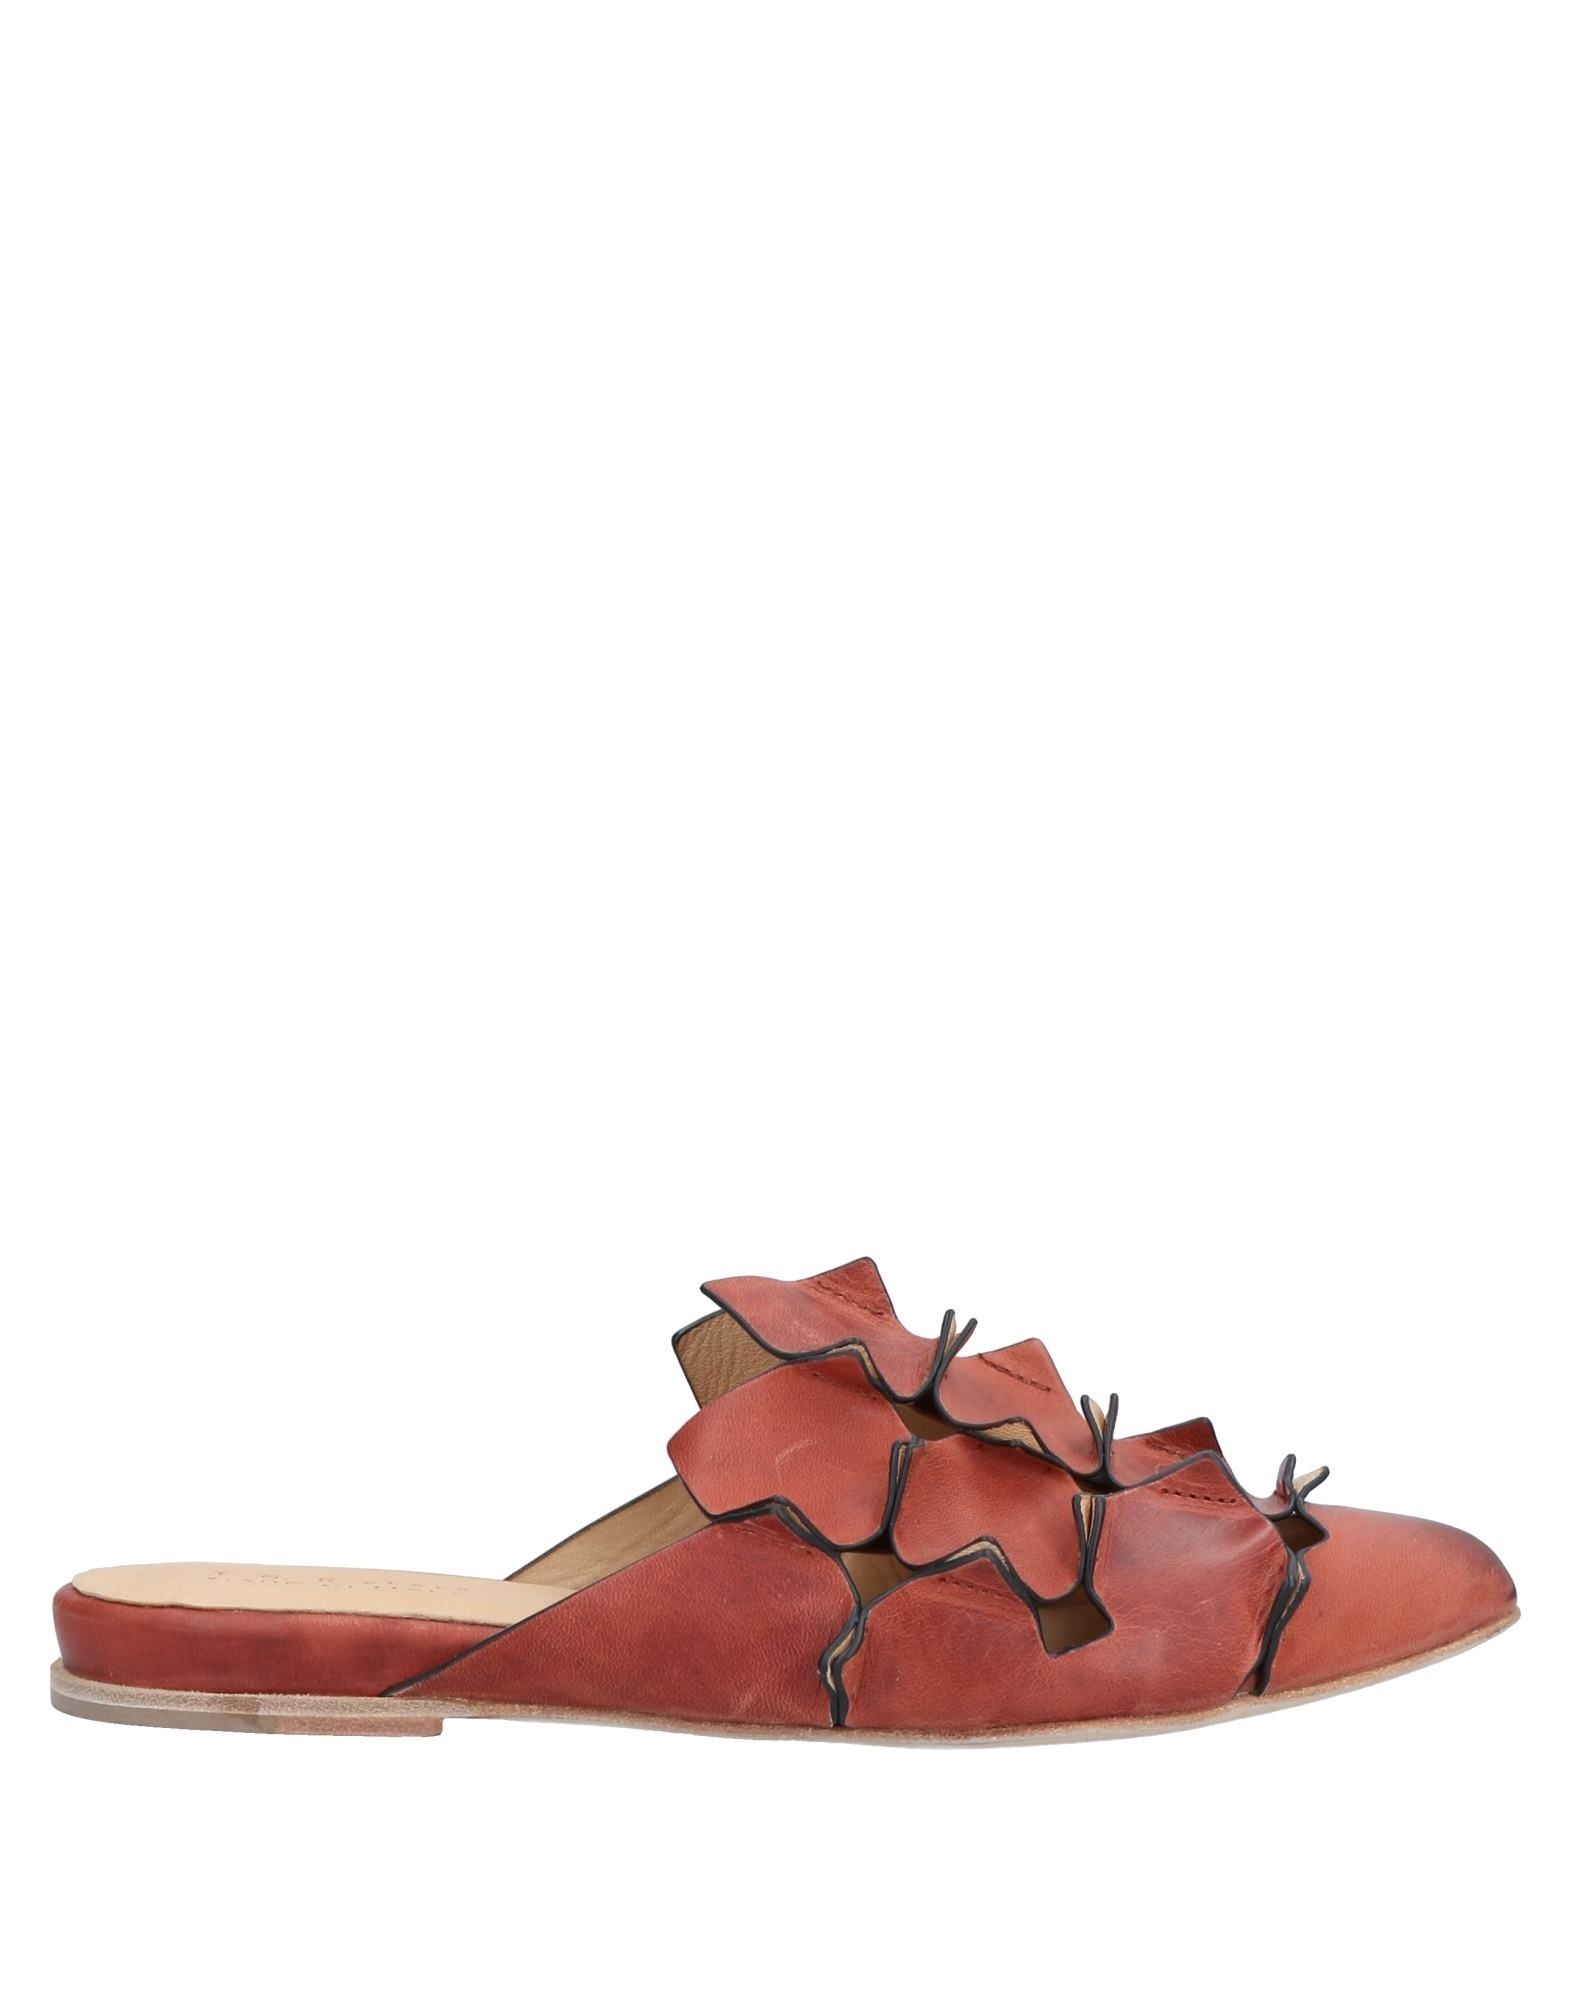 Фото - I.N.K. Shoes Мюлес и сабо kanna мюлес и сабо